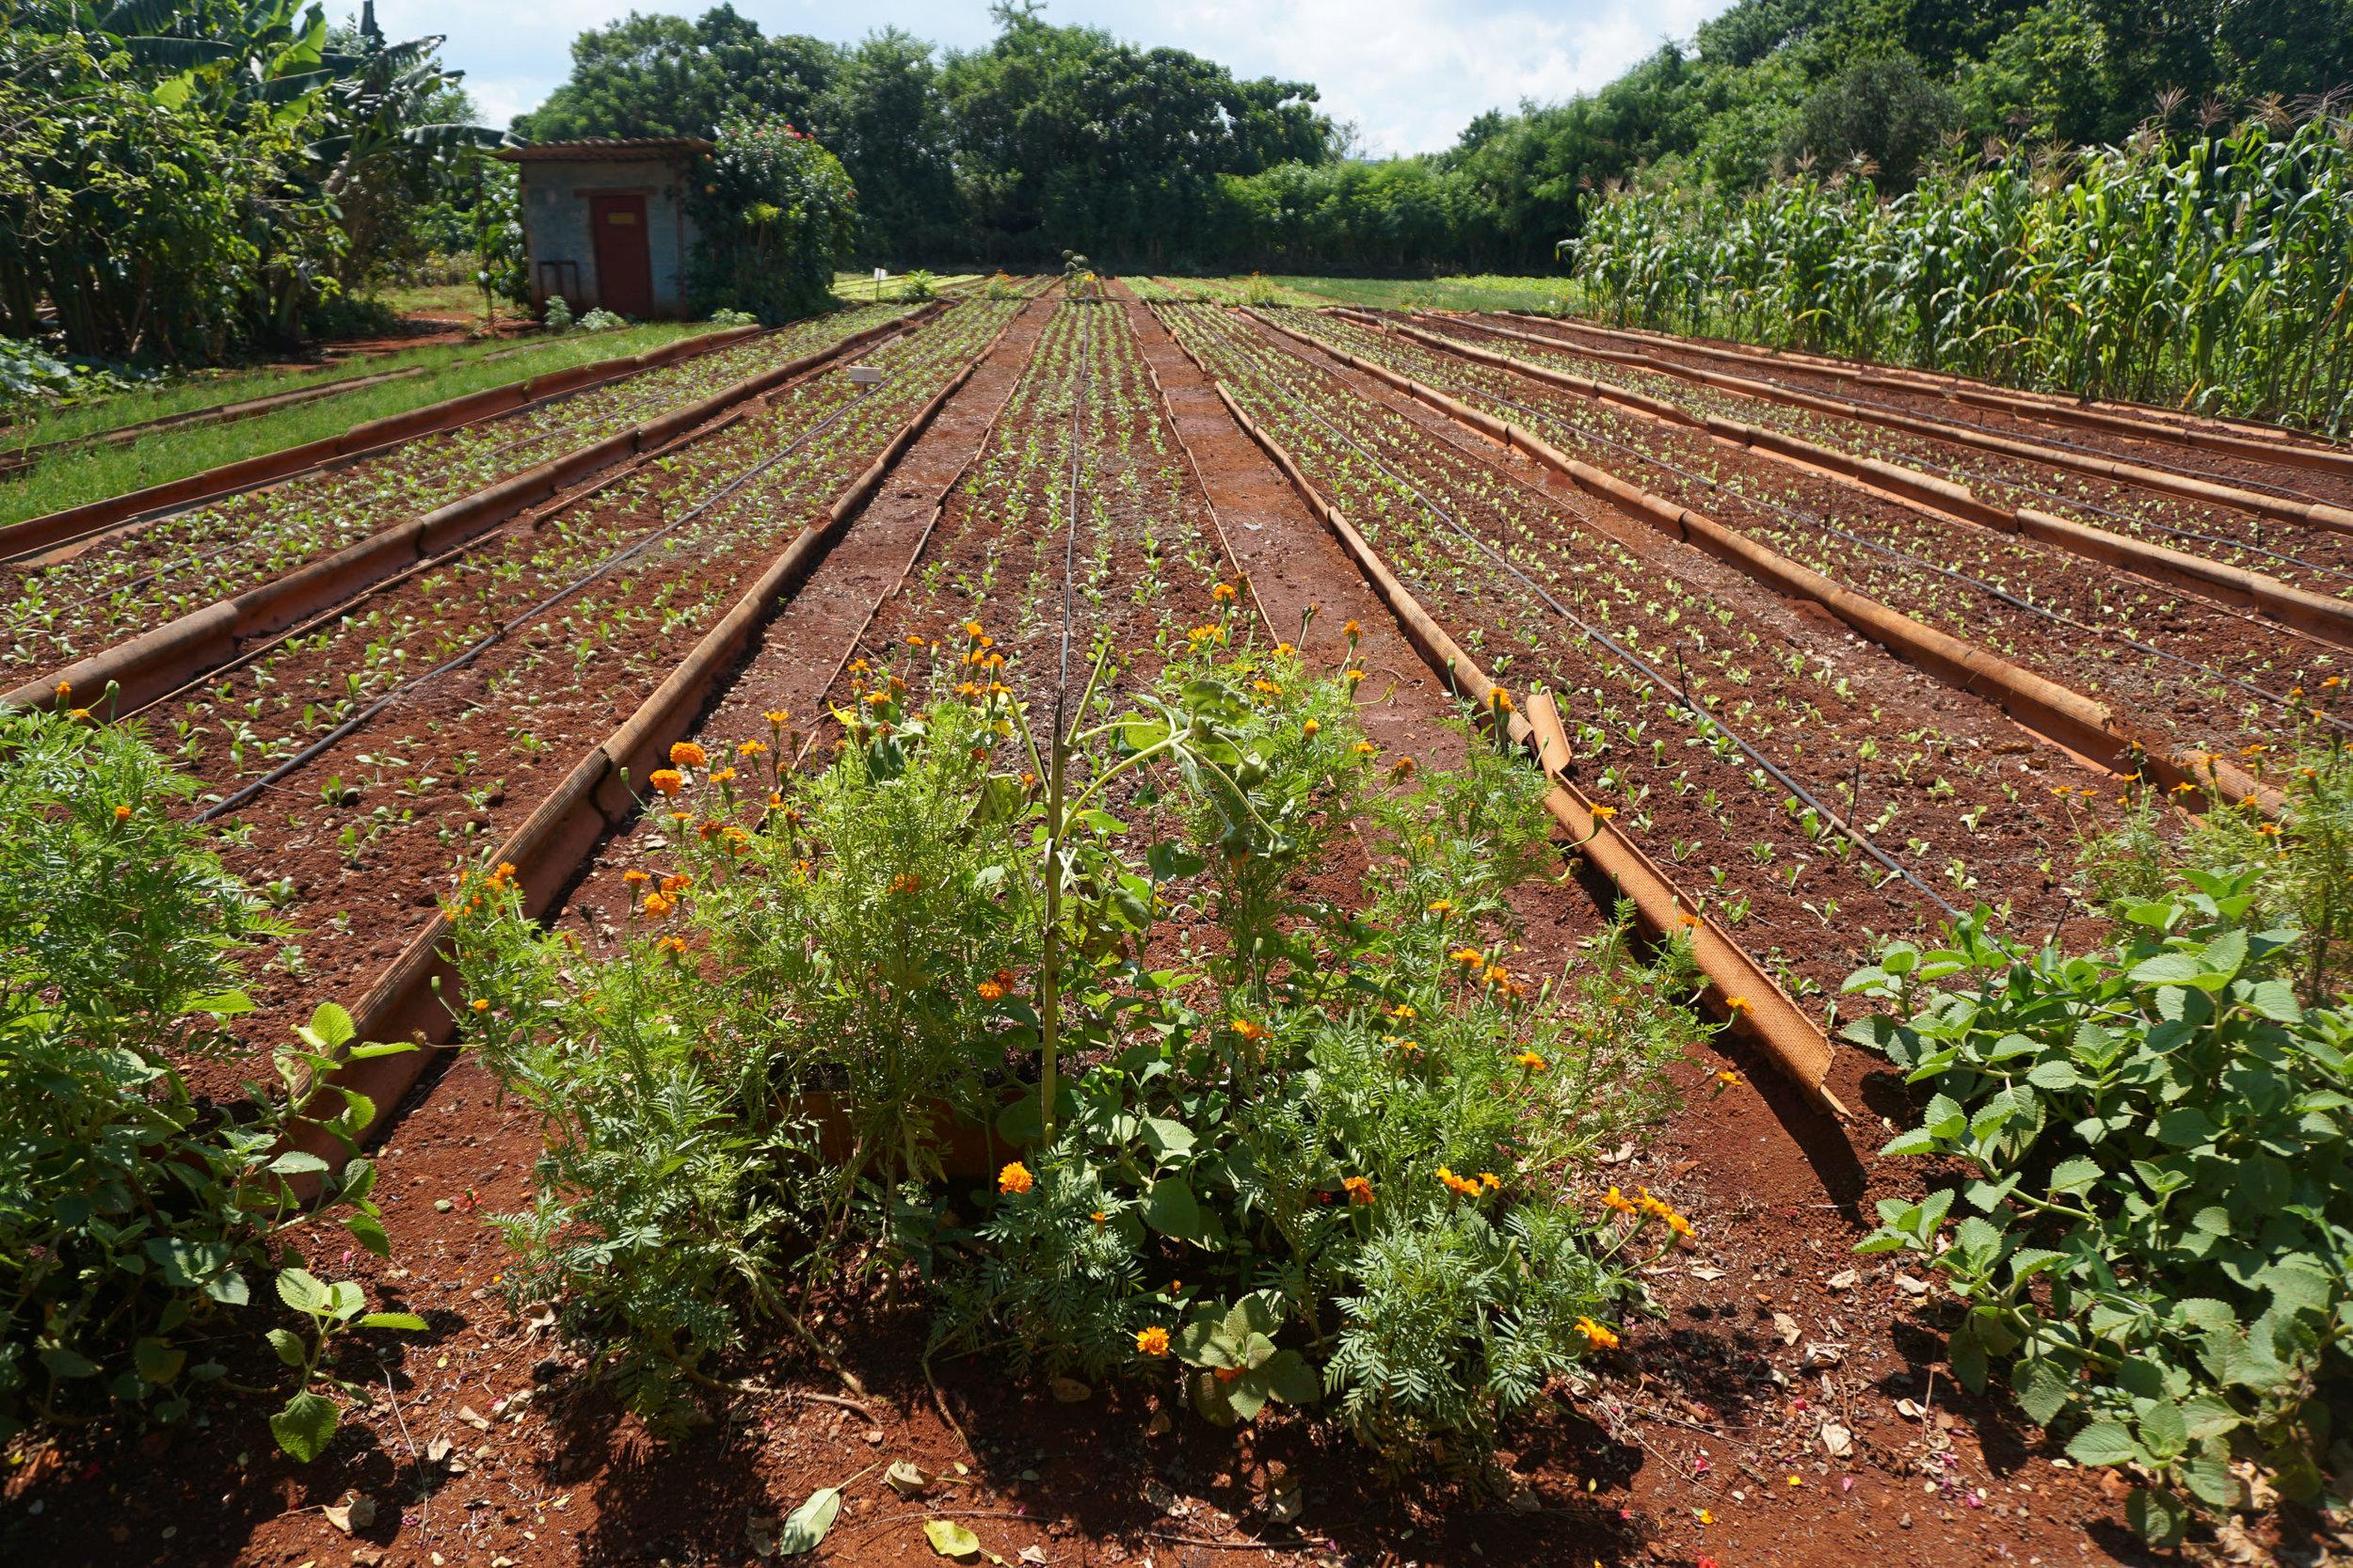 olapi-creative-cuba-trip-organic-farm